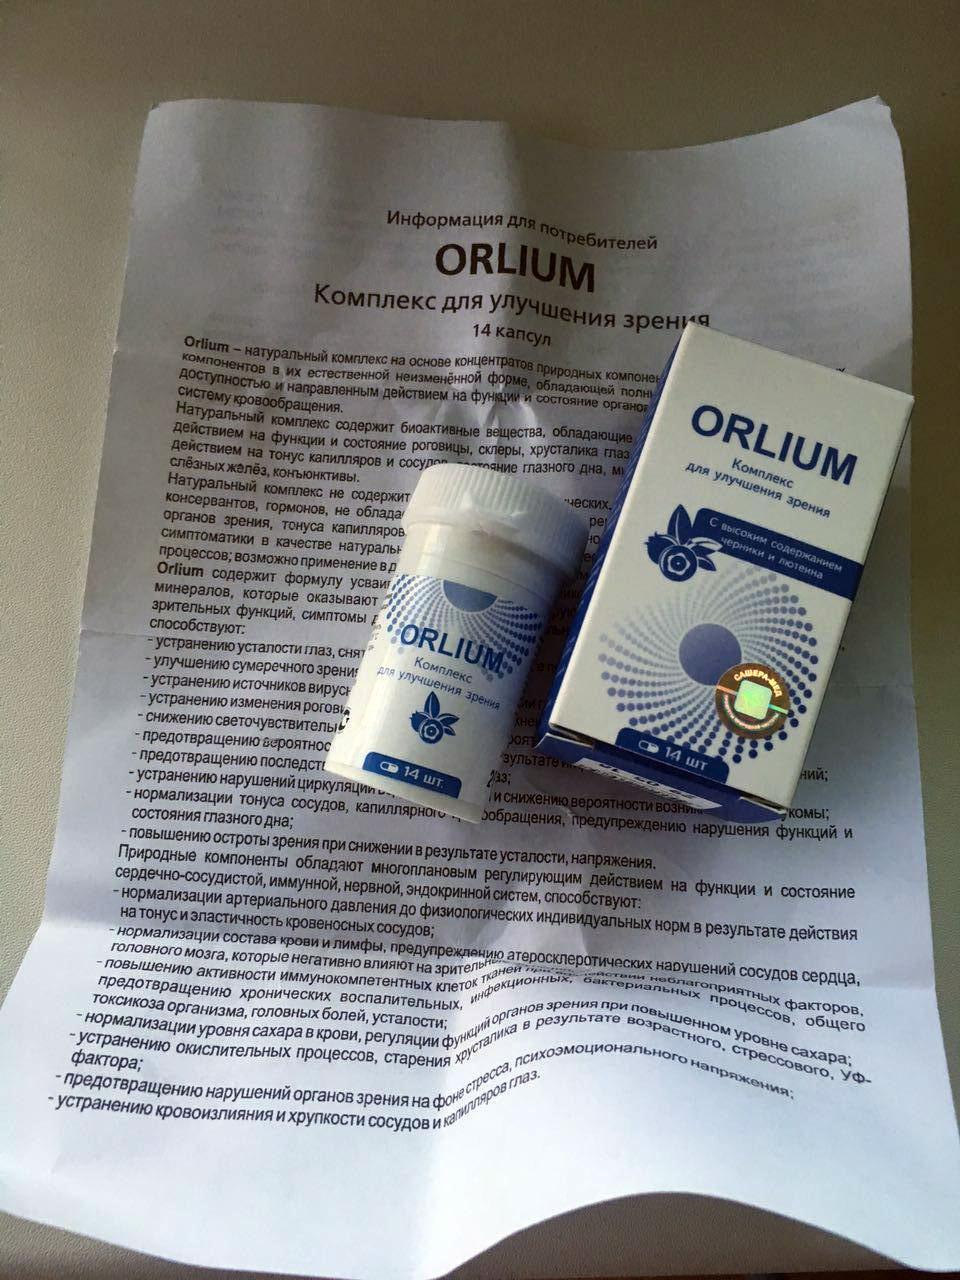 Оригинальное средство Орлиум, купленное на нашем сайте